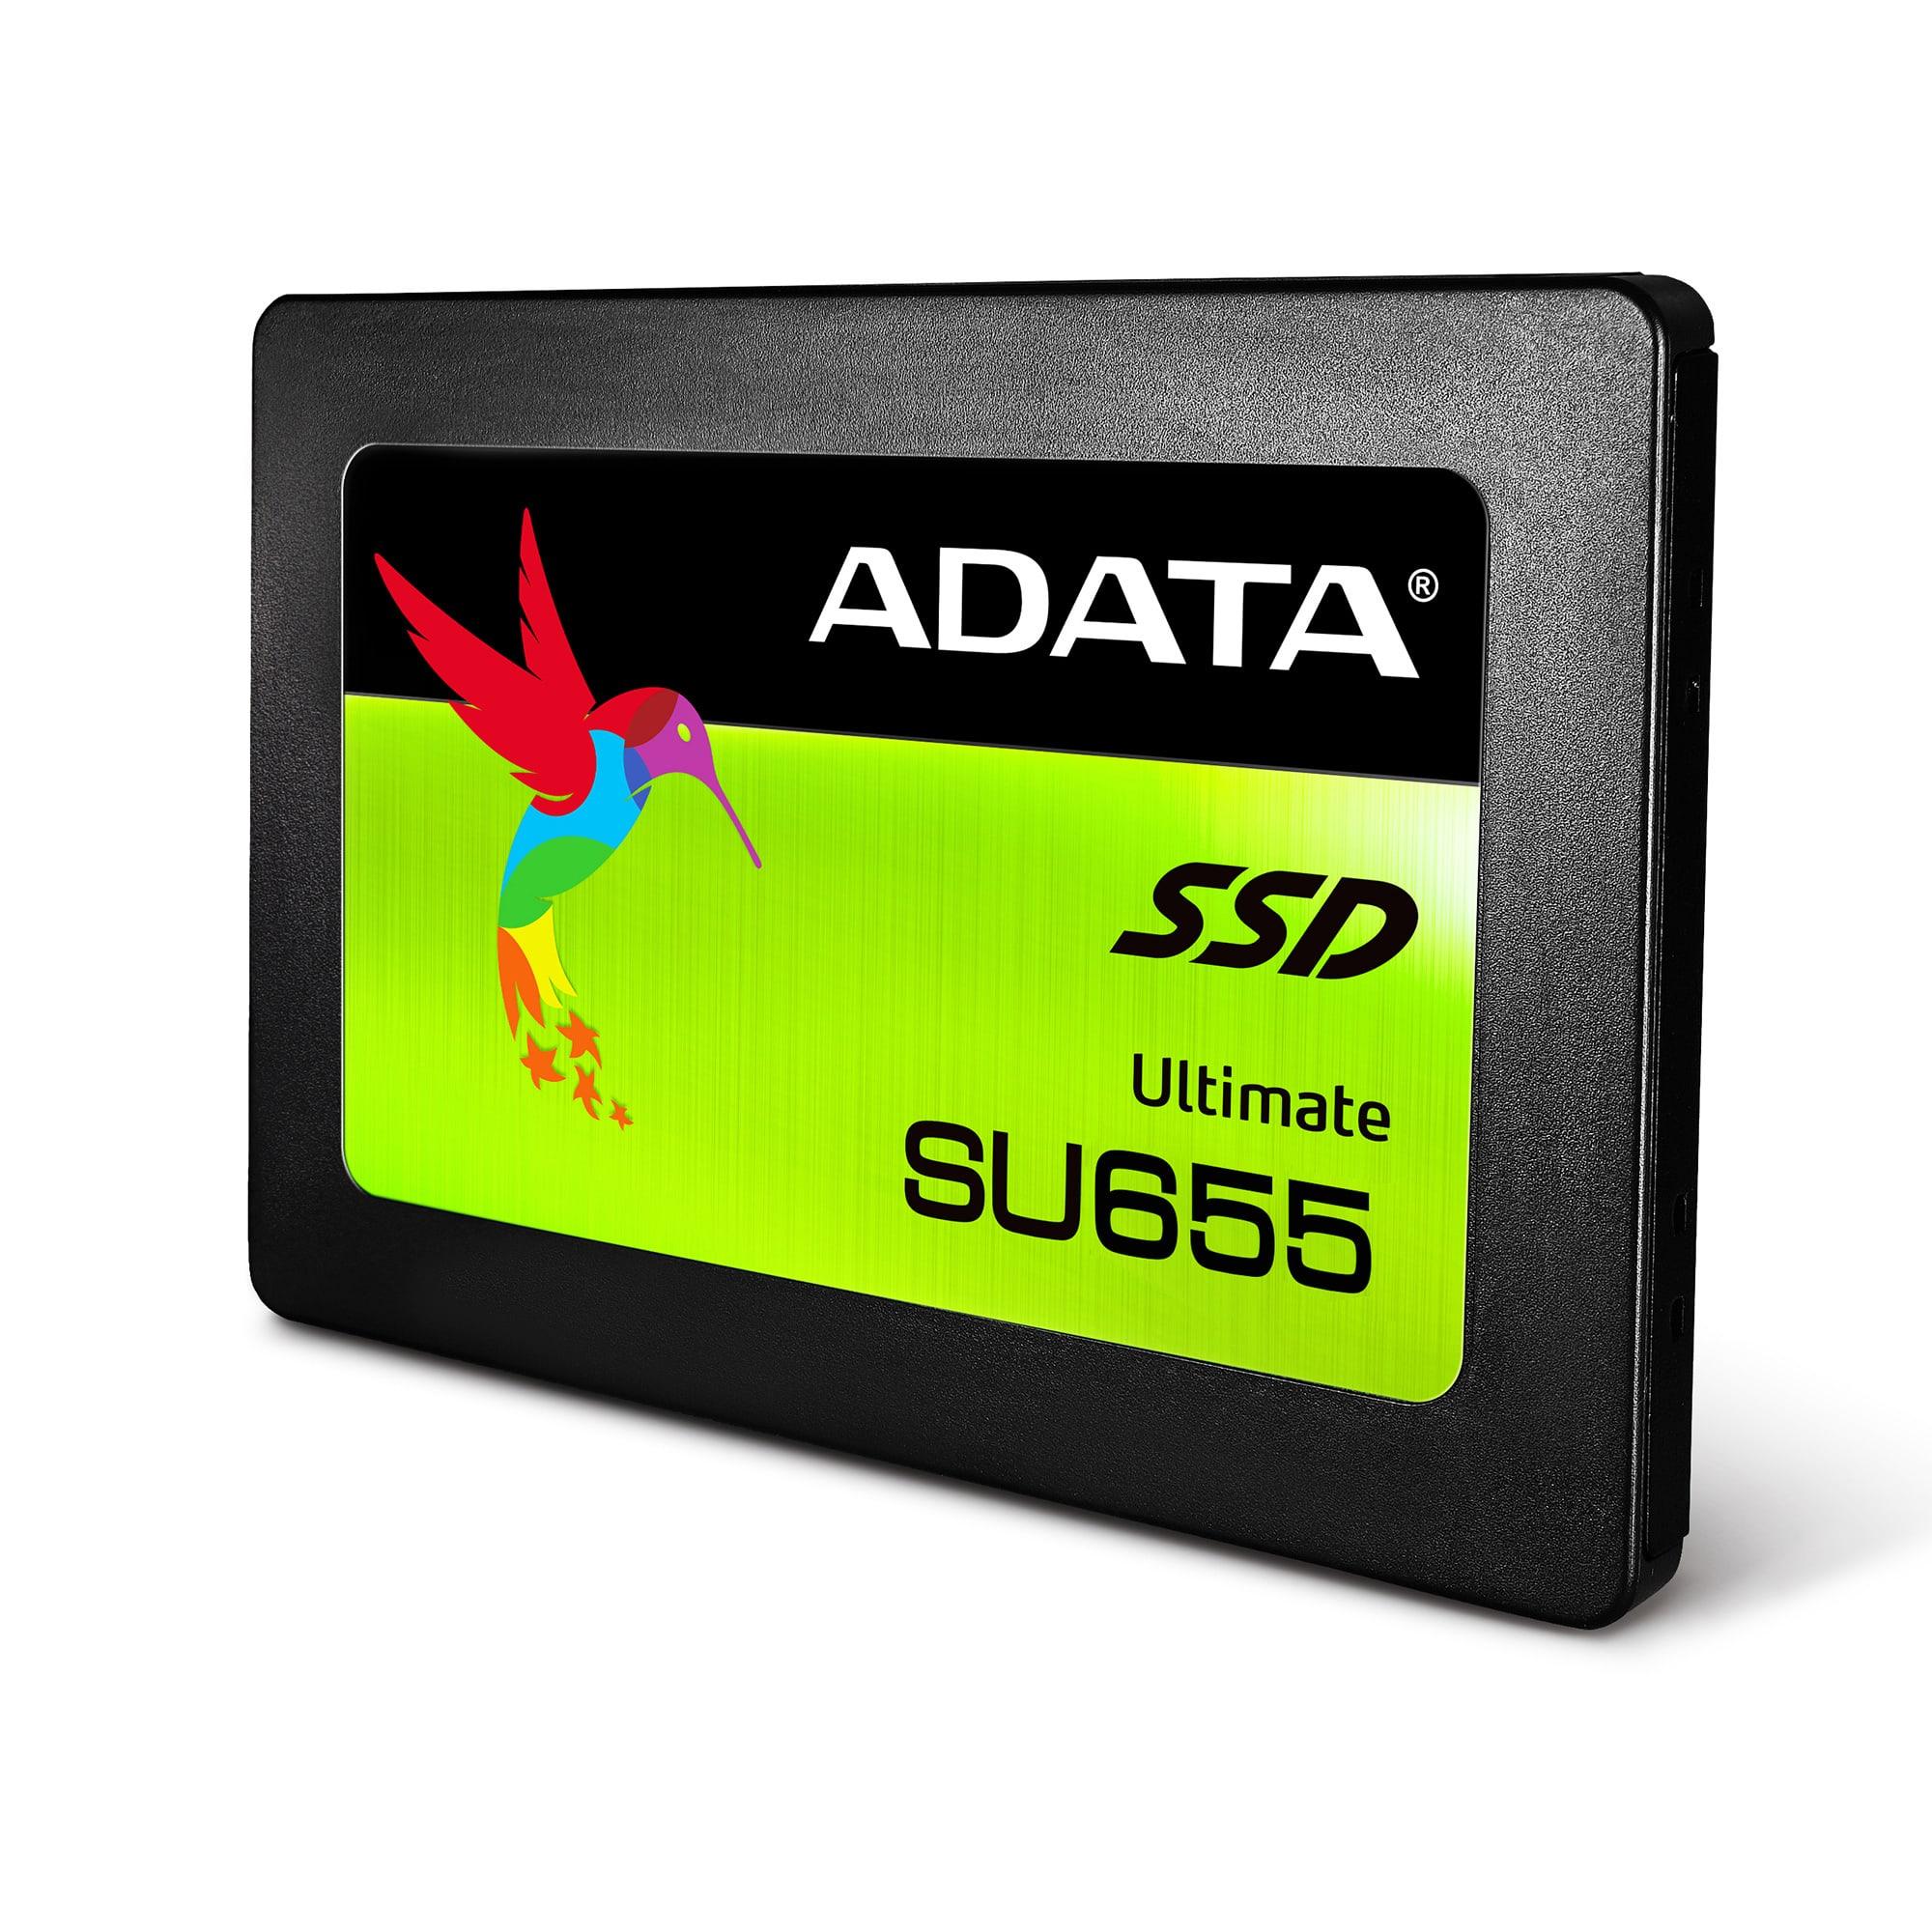 Ultimate SU655